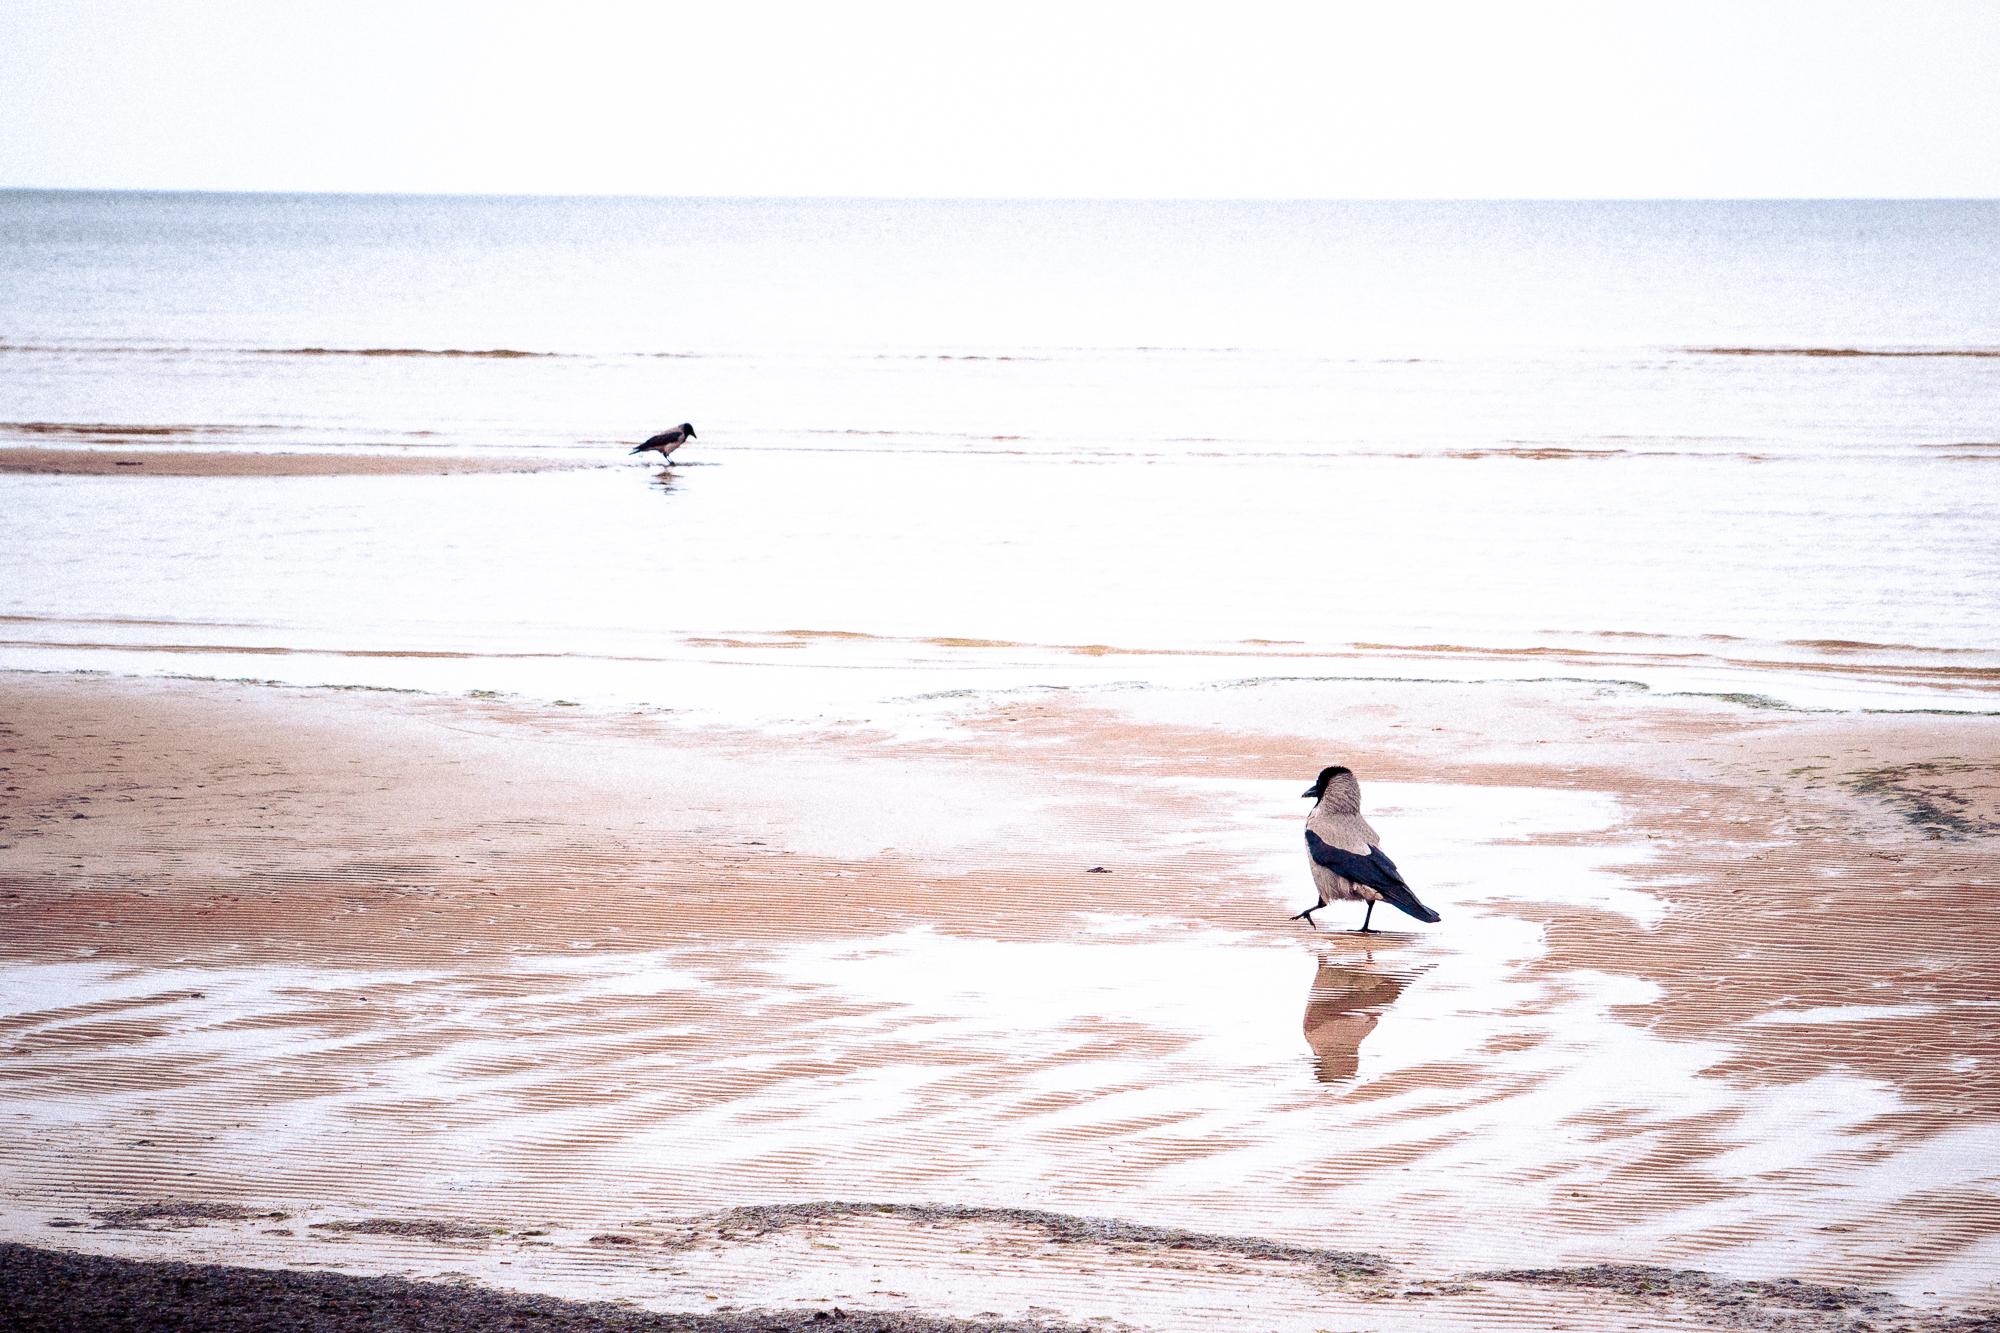 Two Crows In Sea Via @Atisgailis